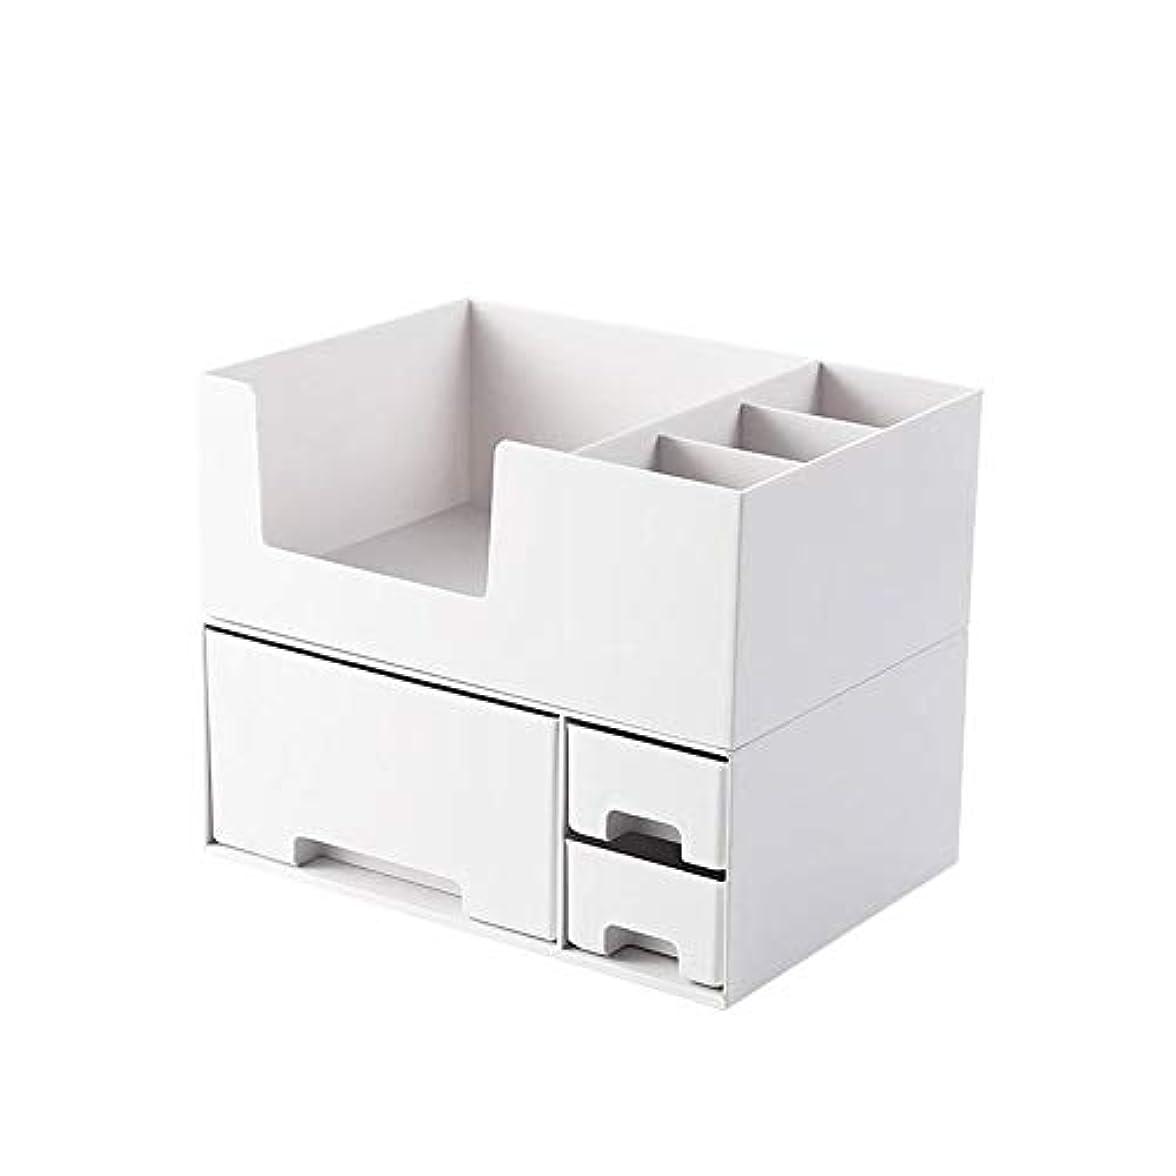 認める空中オートメーションBostar 化粧品収納ボックス メイクボックス コスメケース 引き出し 小物入れ 収納ケース 整理簡単 北欧 おしゃれ ホワイト